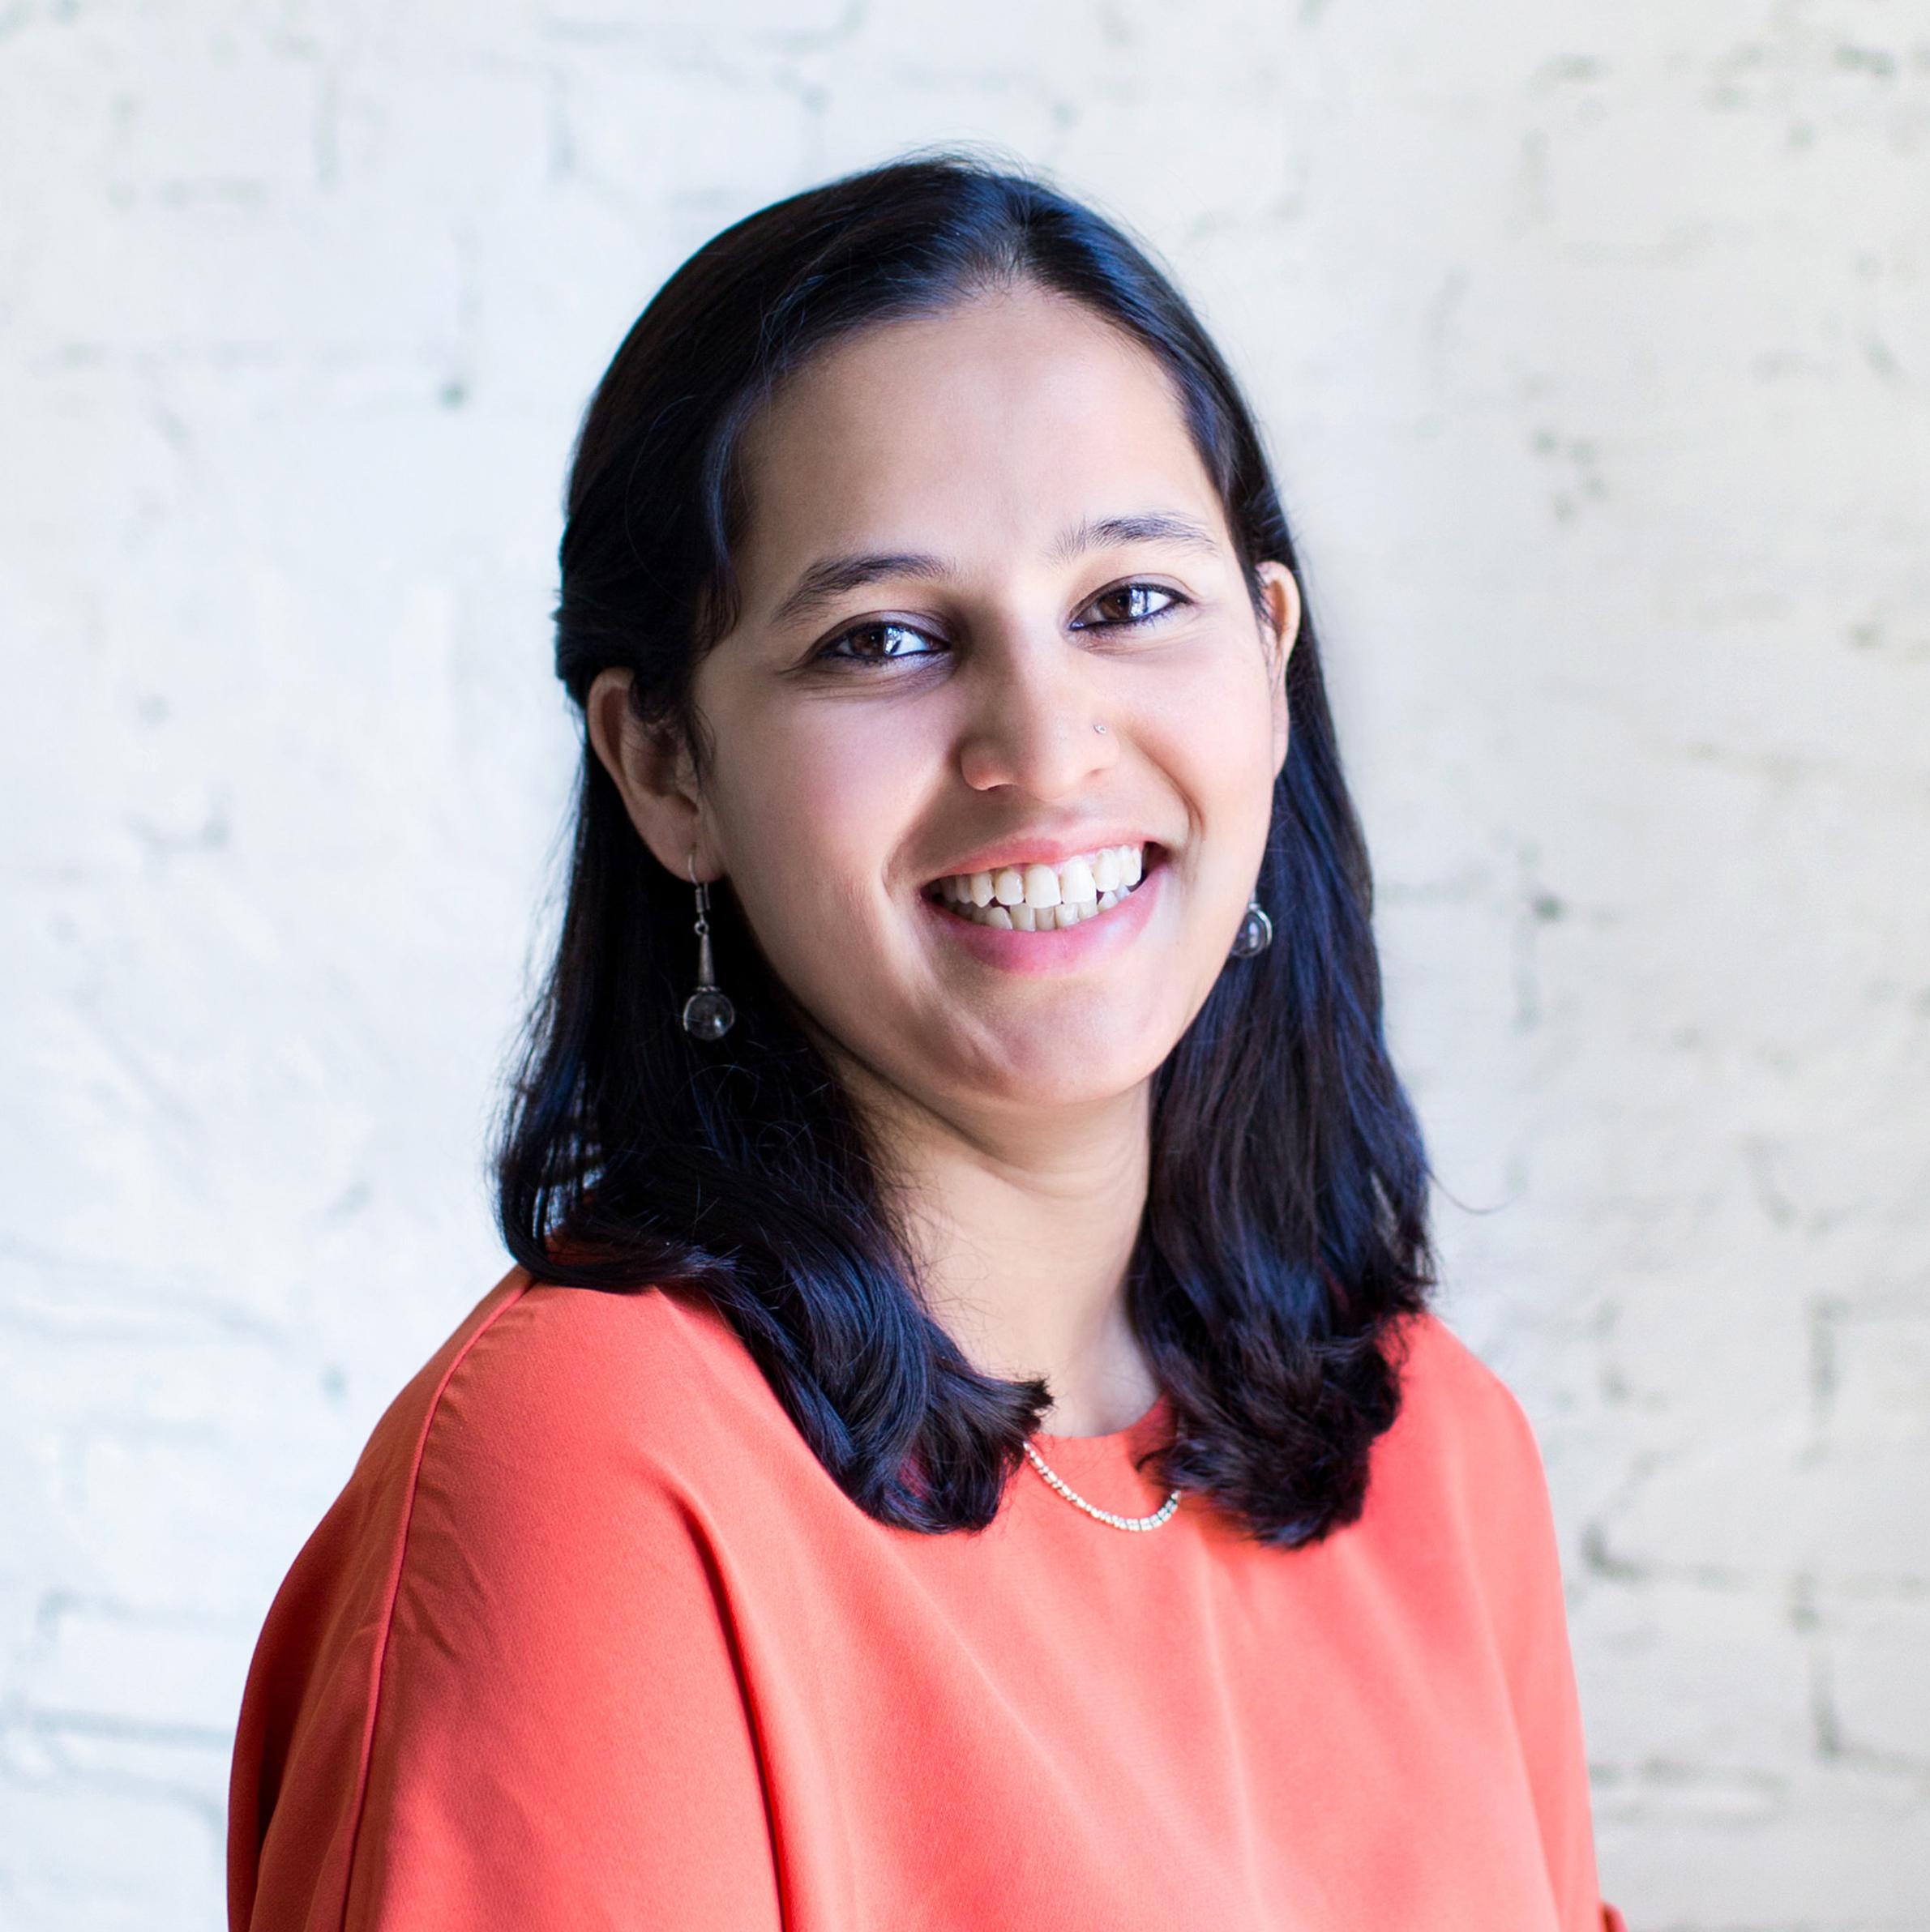 Malvika Bhagwat's Headshot